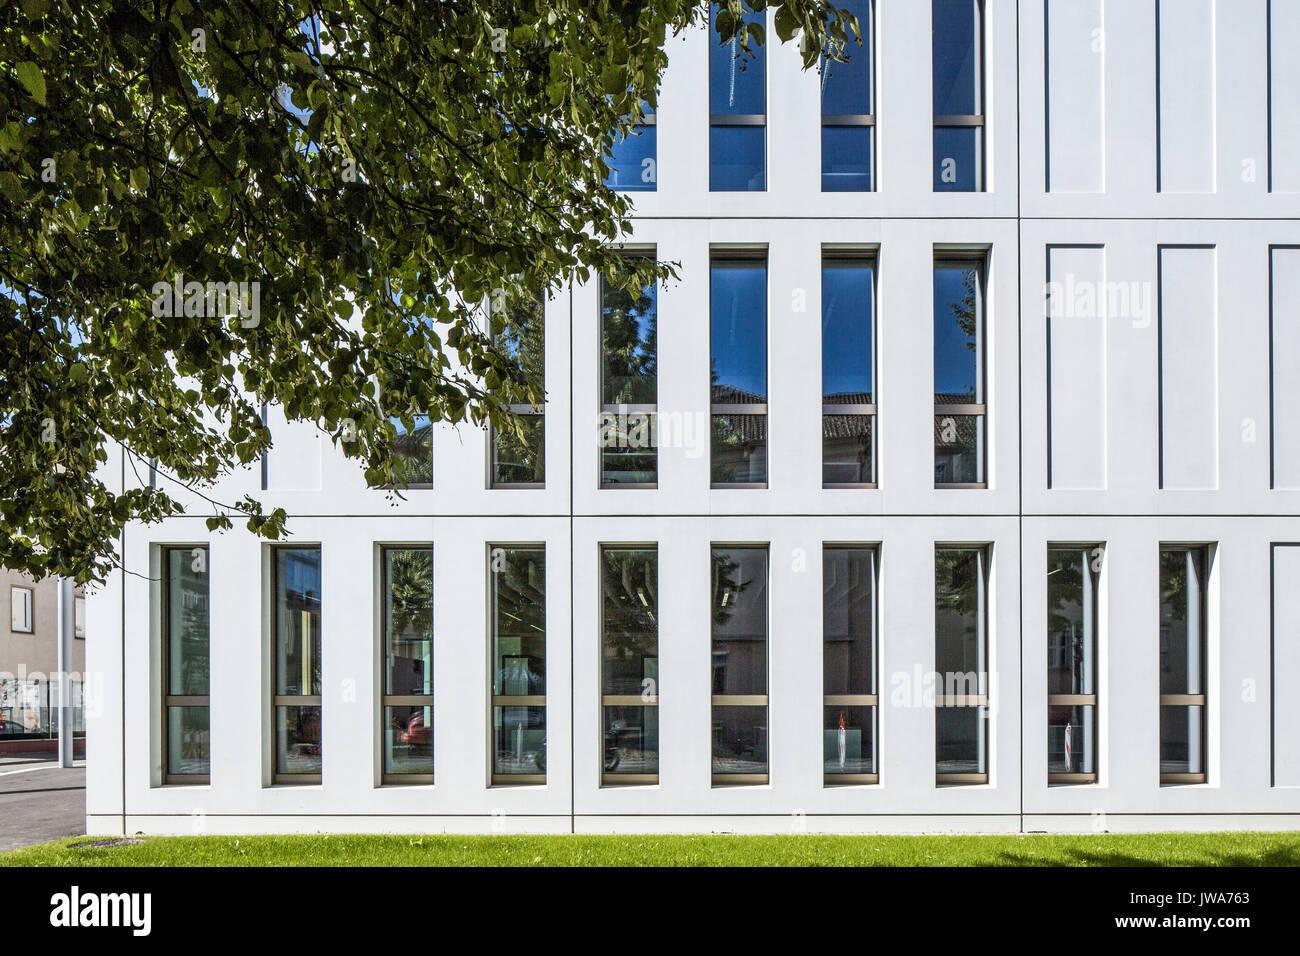 Architekten Biberach detail der fassade mit den länglichen fenestration finanzamt